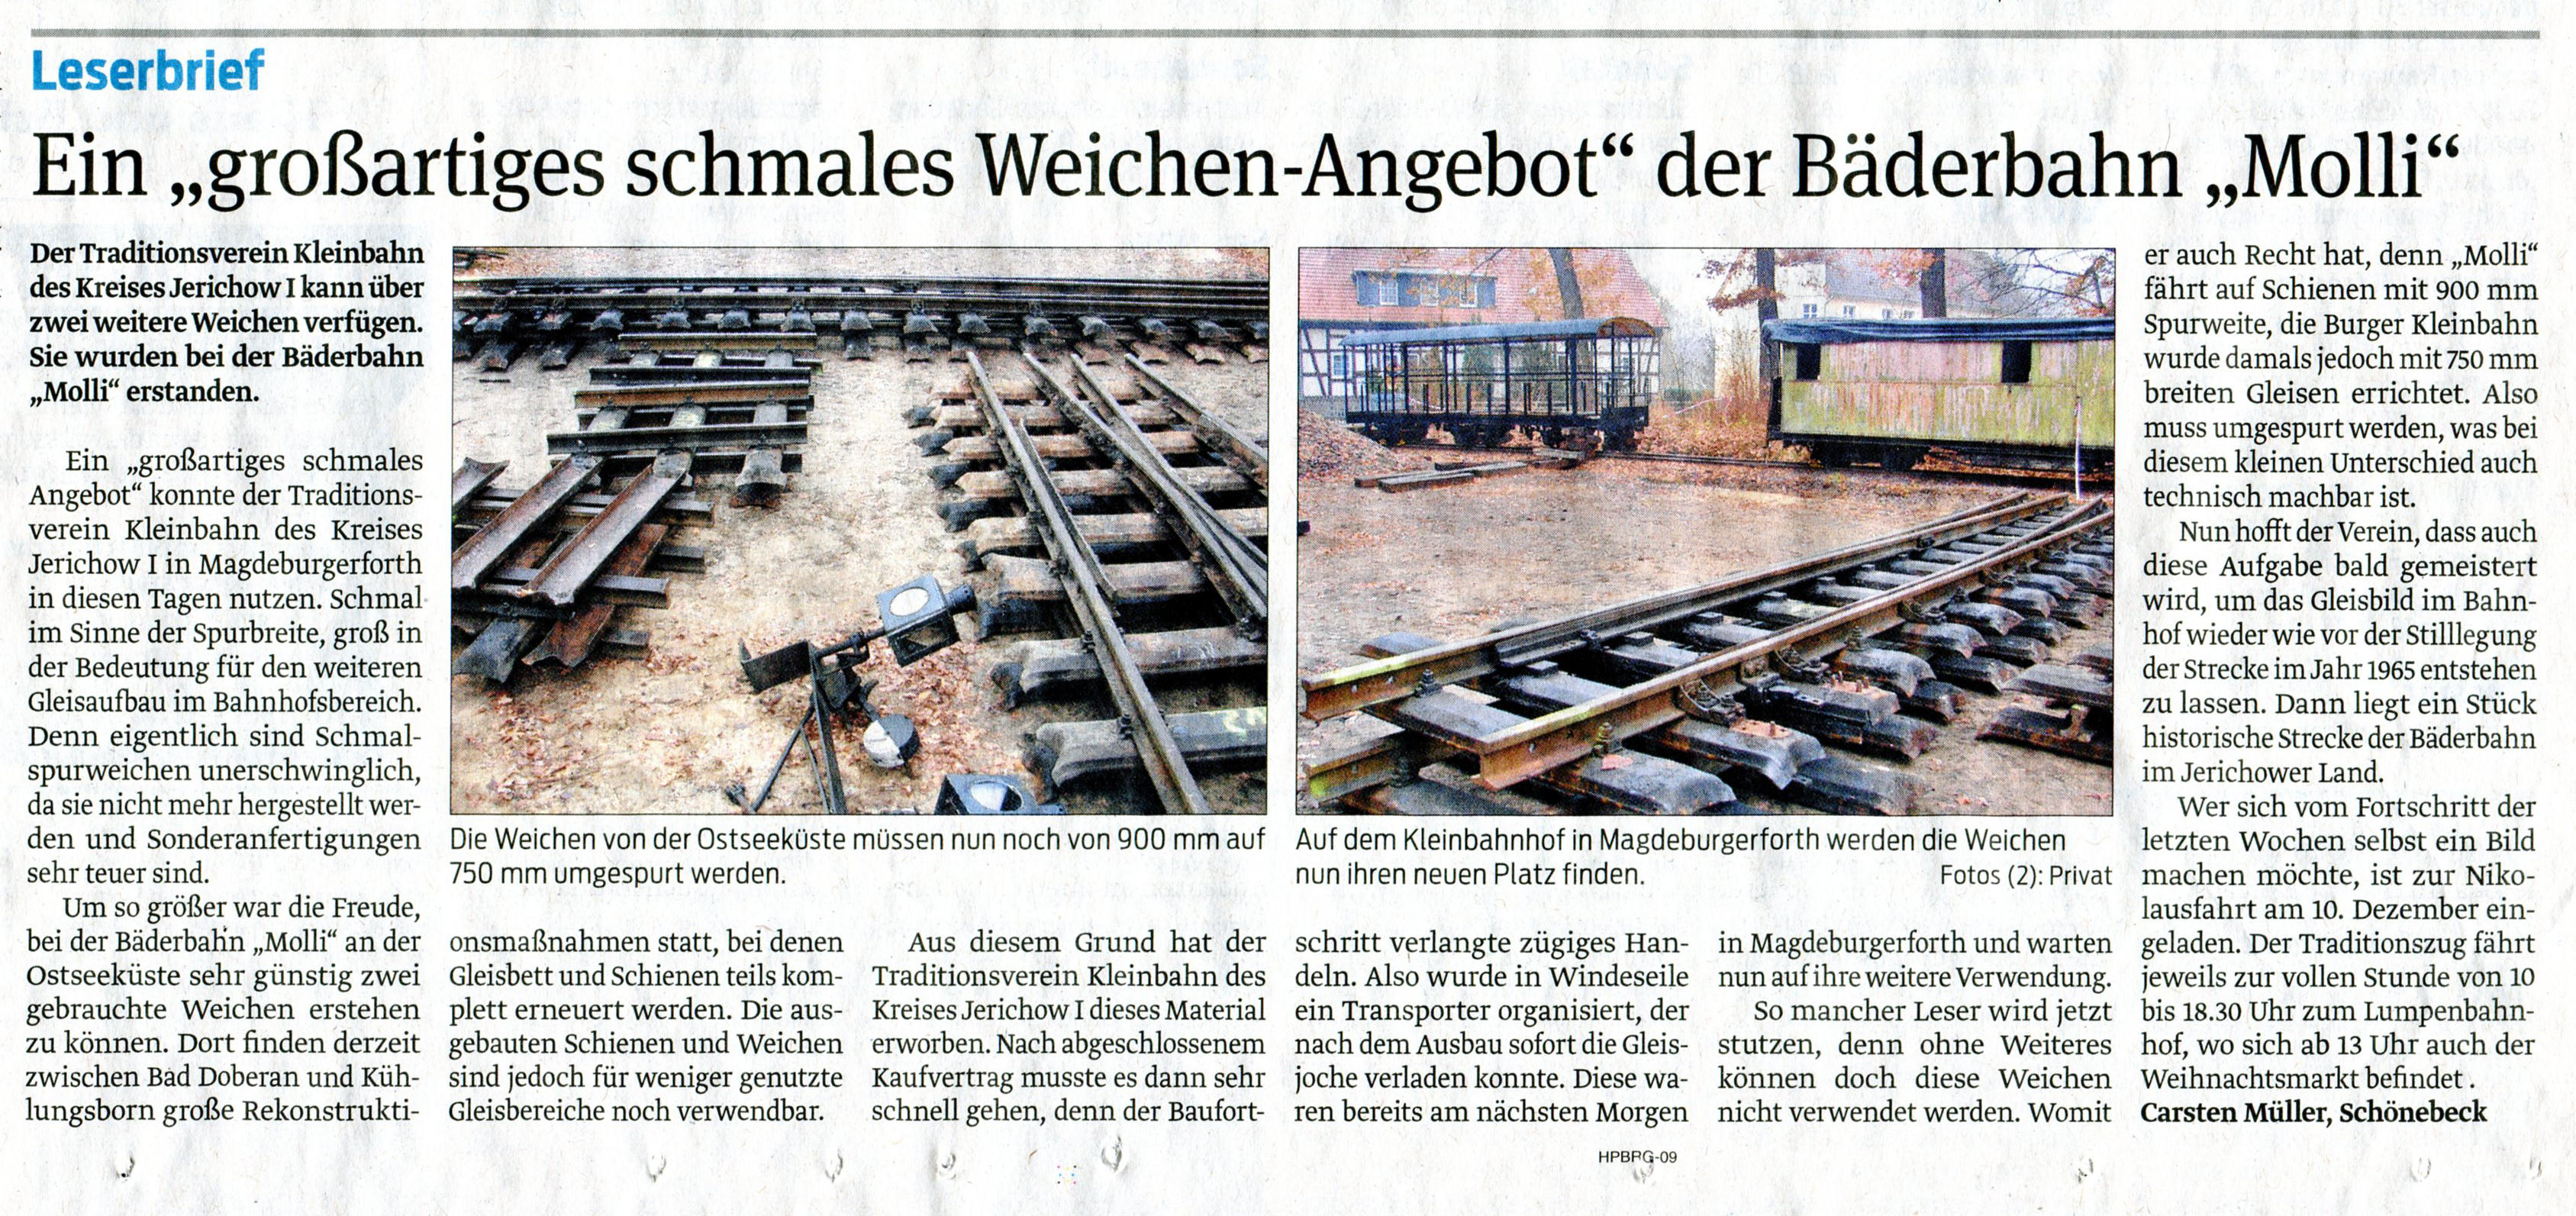 (Volksstimme/Burg 19.11.2011)